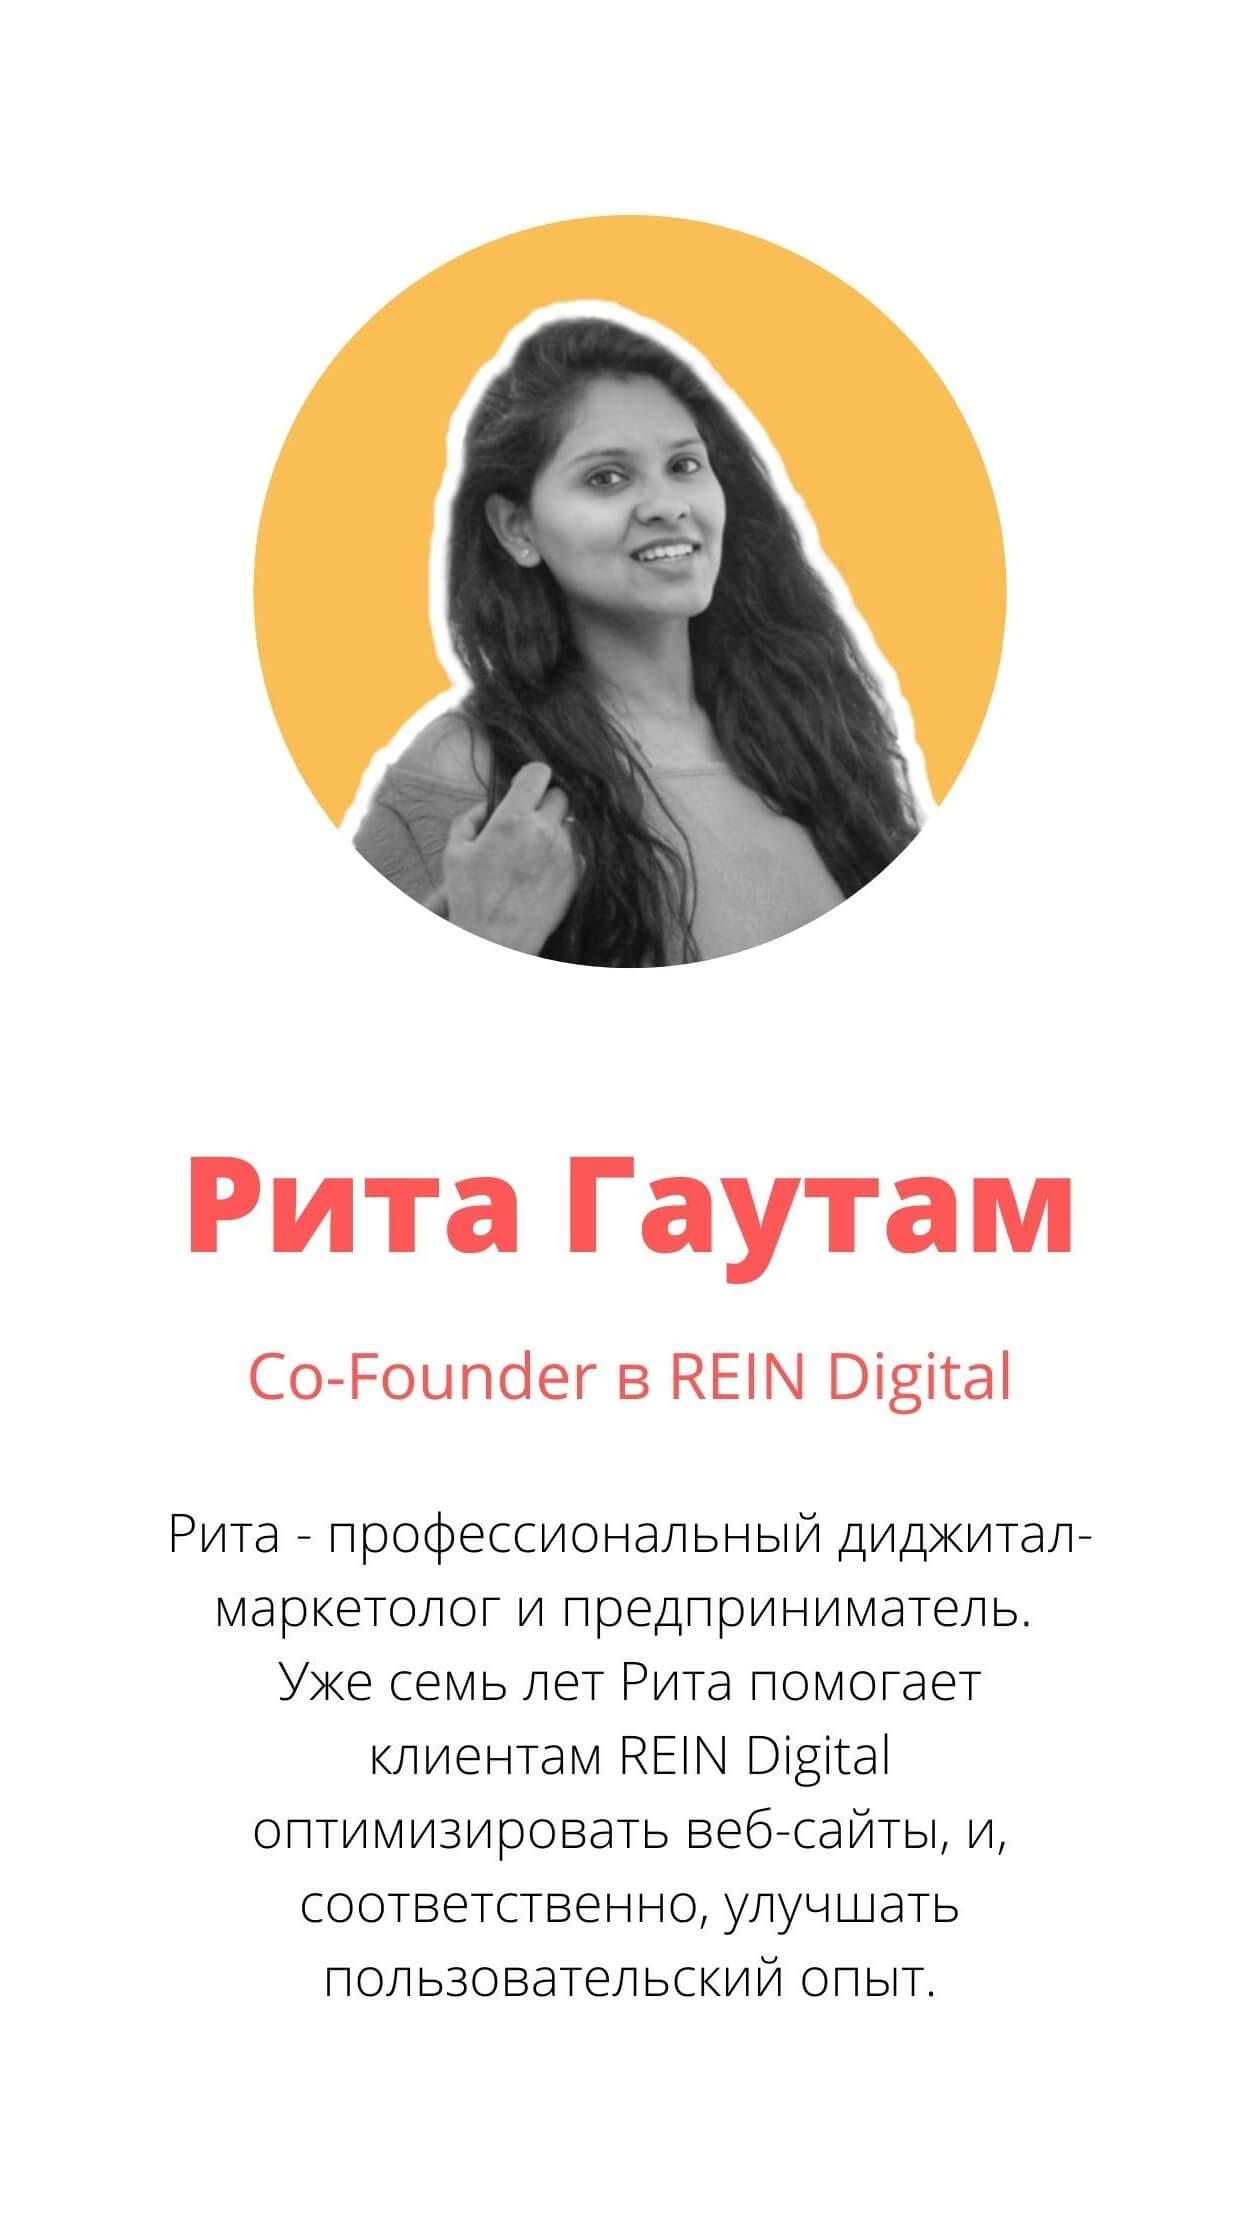 Рита Гаутам, описание эксперта